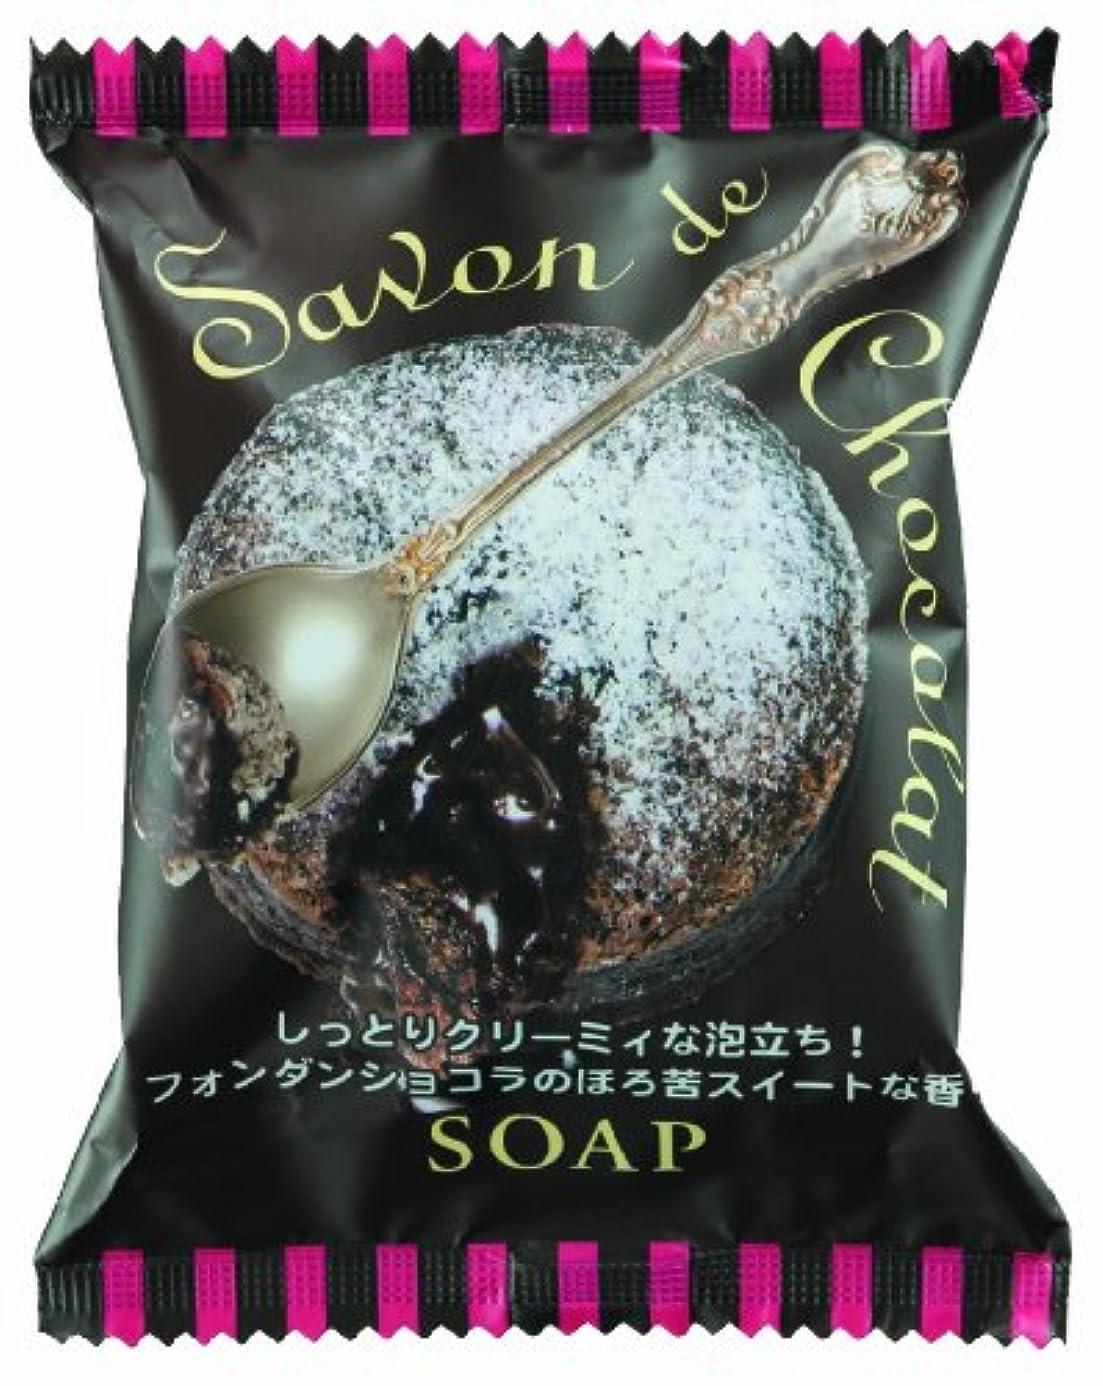 トレイ成長する飢饉ペリカン石鹸 サボンドショコラソープ 80g